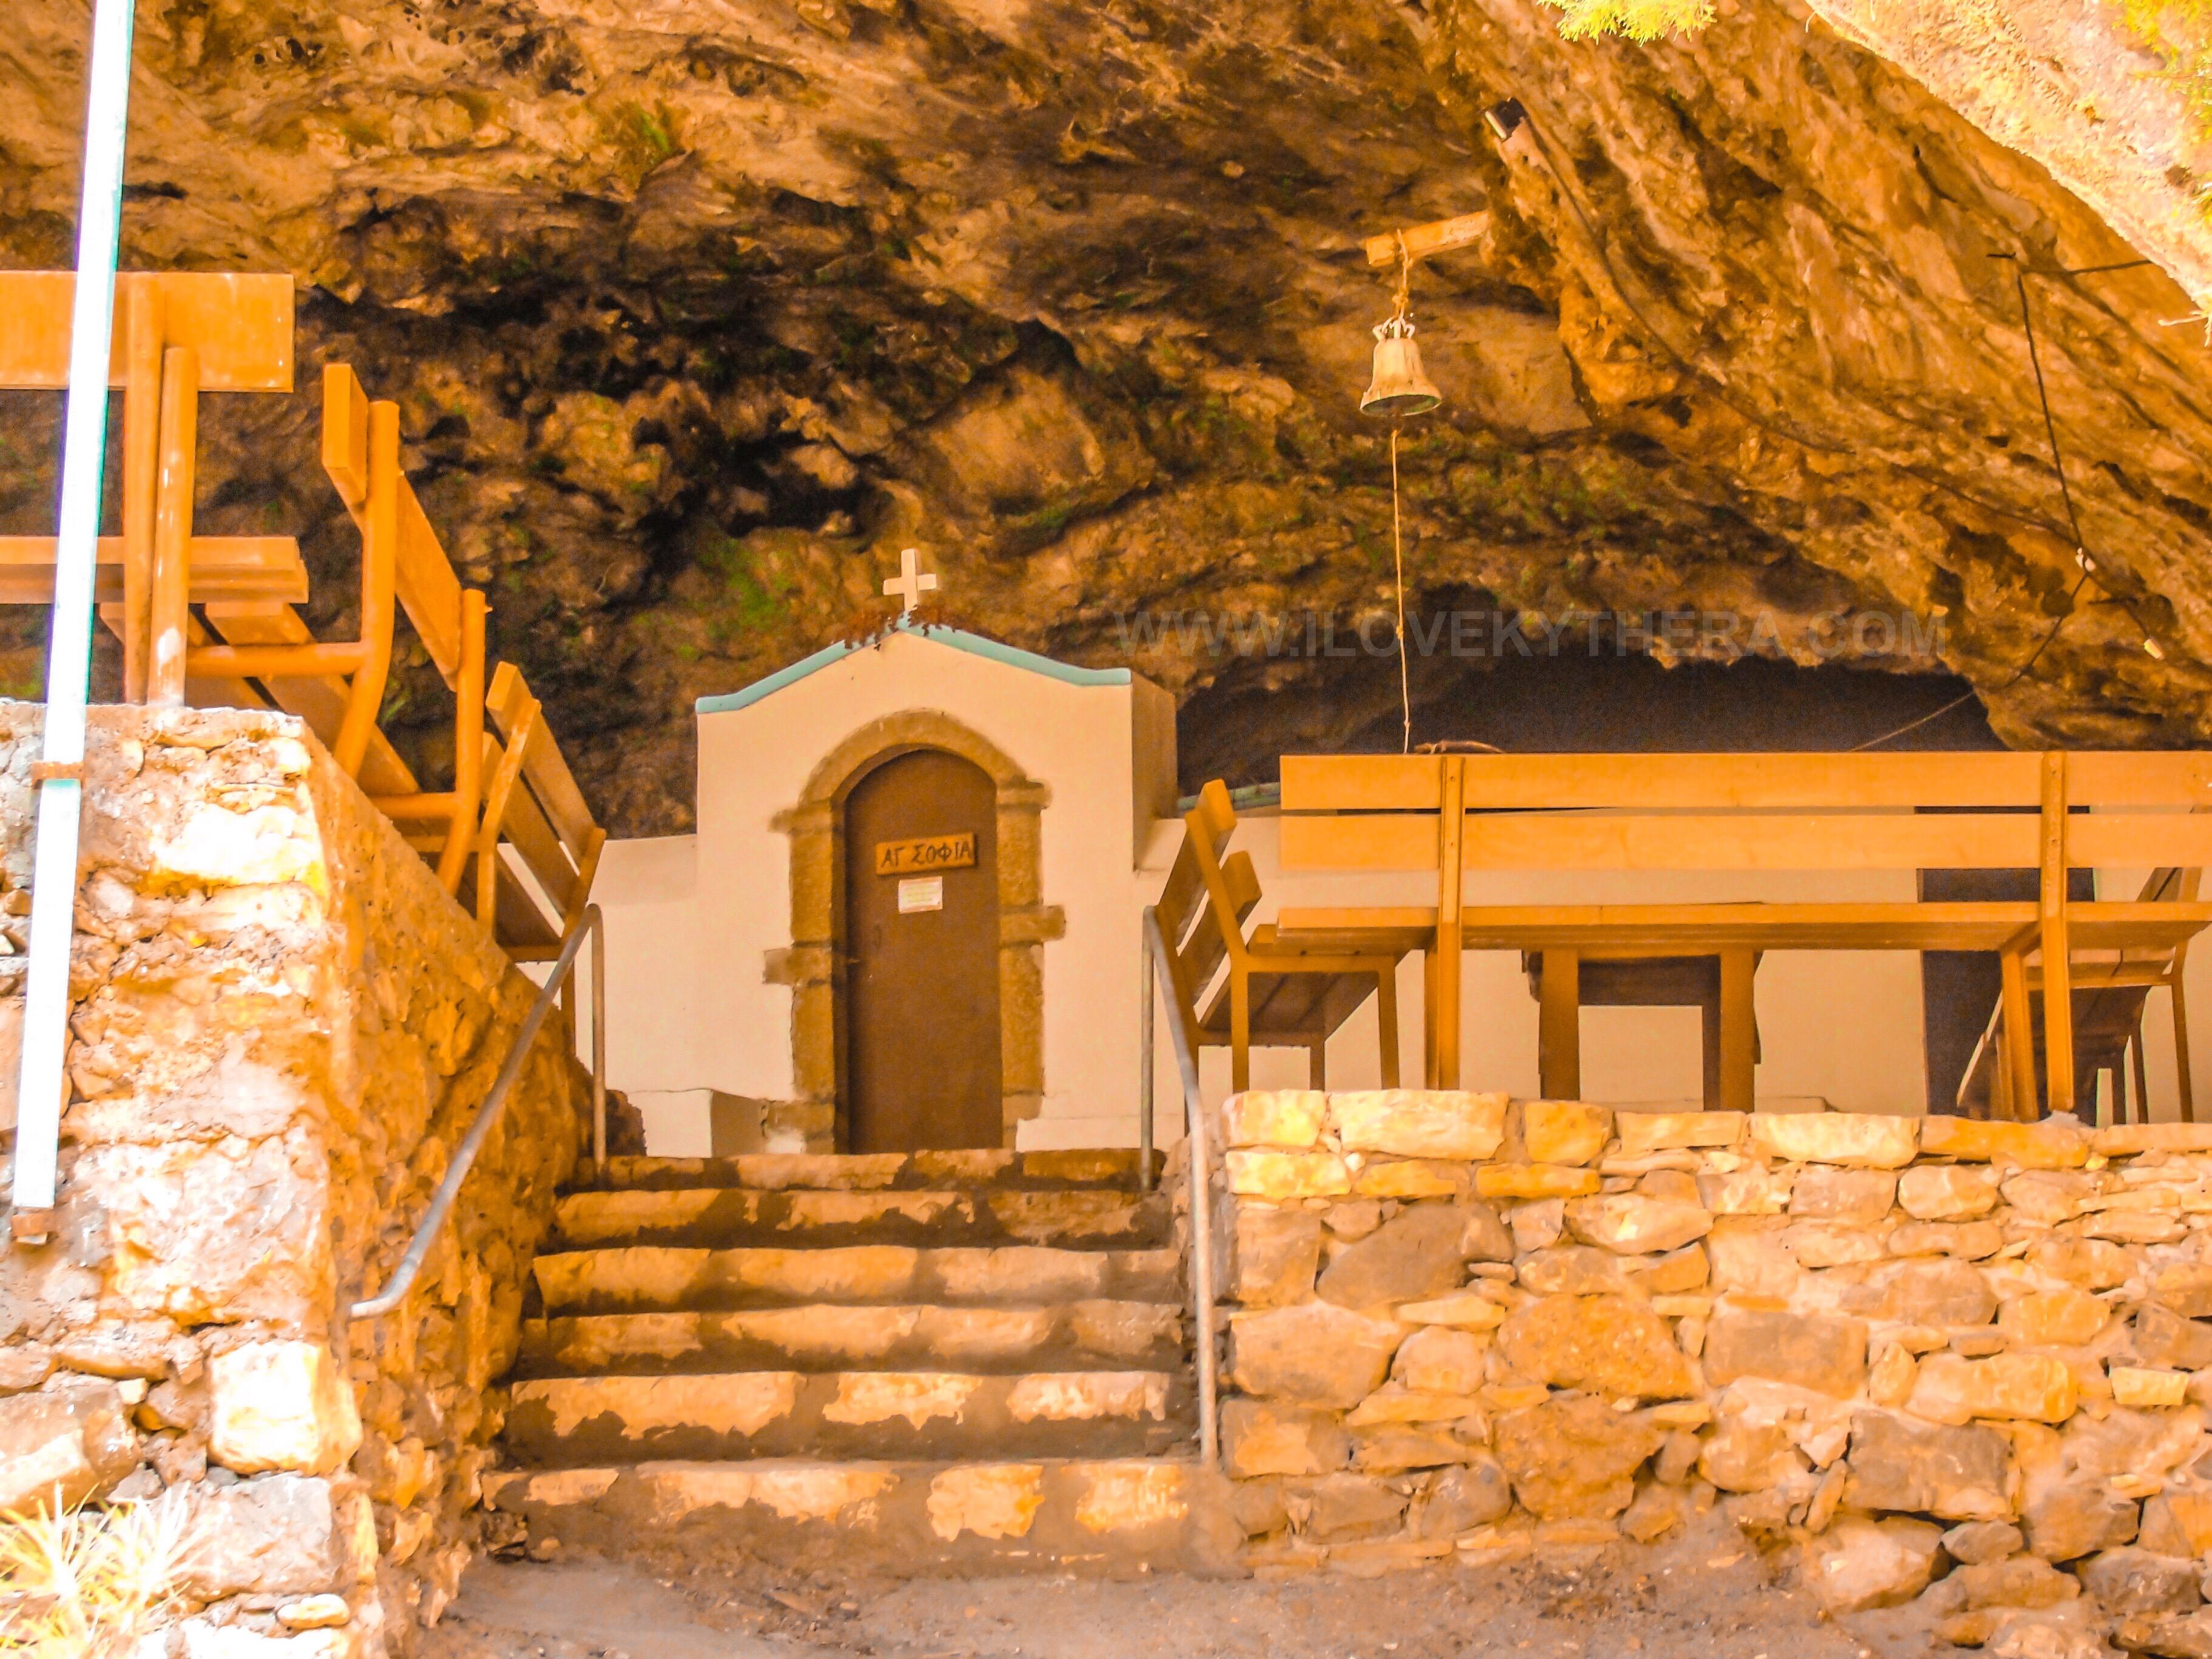 Σπήλαιο Αγία Σοφία Κάλαμος / Cave Aghia Sophia, Kalamos